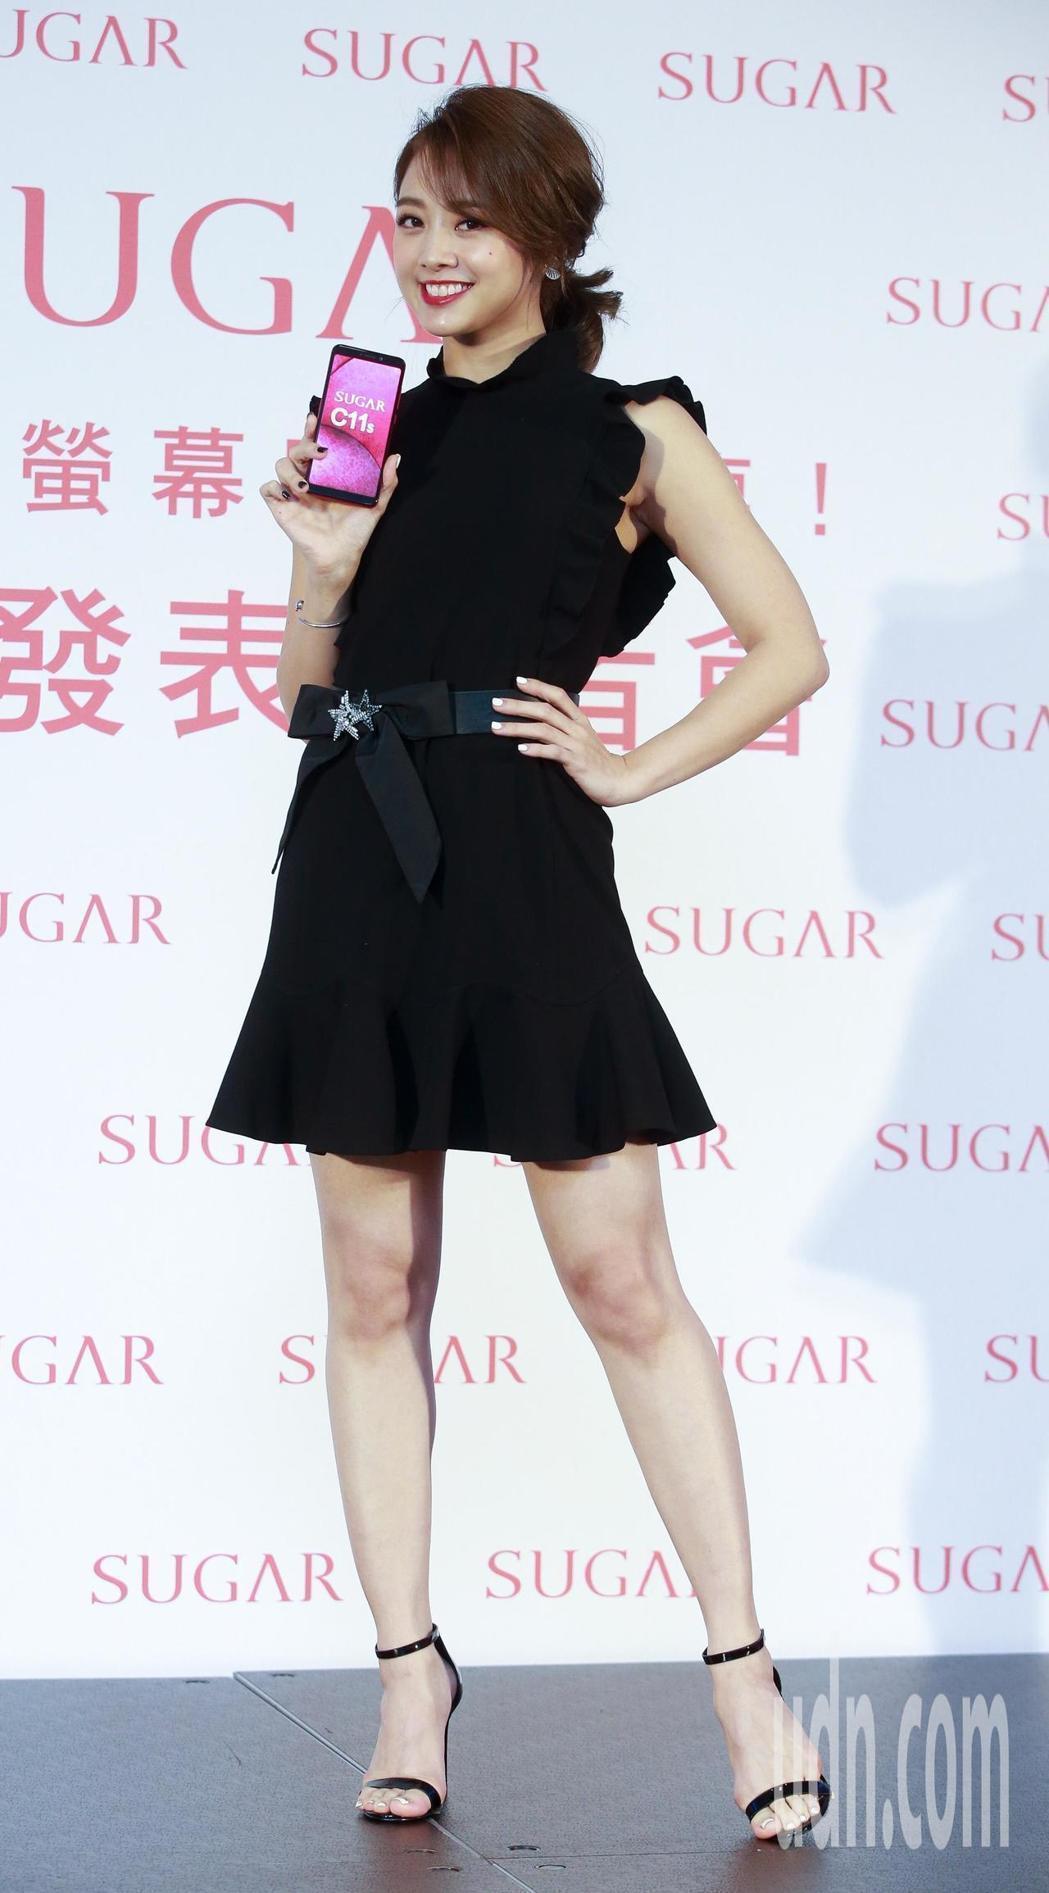 主打愛美女孩美顏拍照手機的 Sugar 今天正式推出新款手機。由吳映潔(鬼鬼)擔...